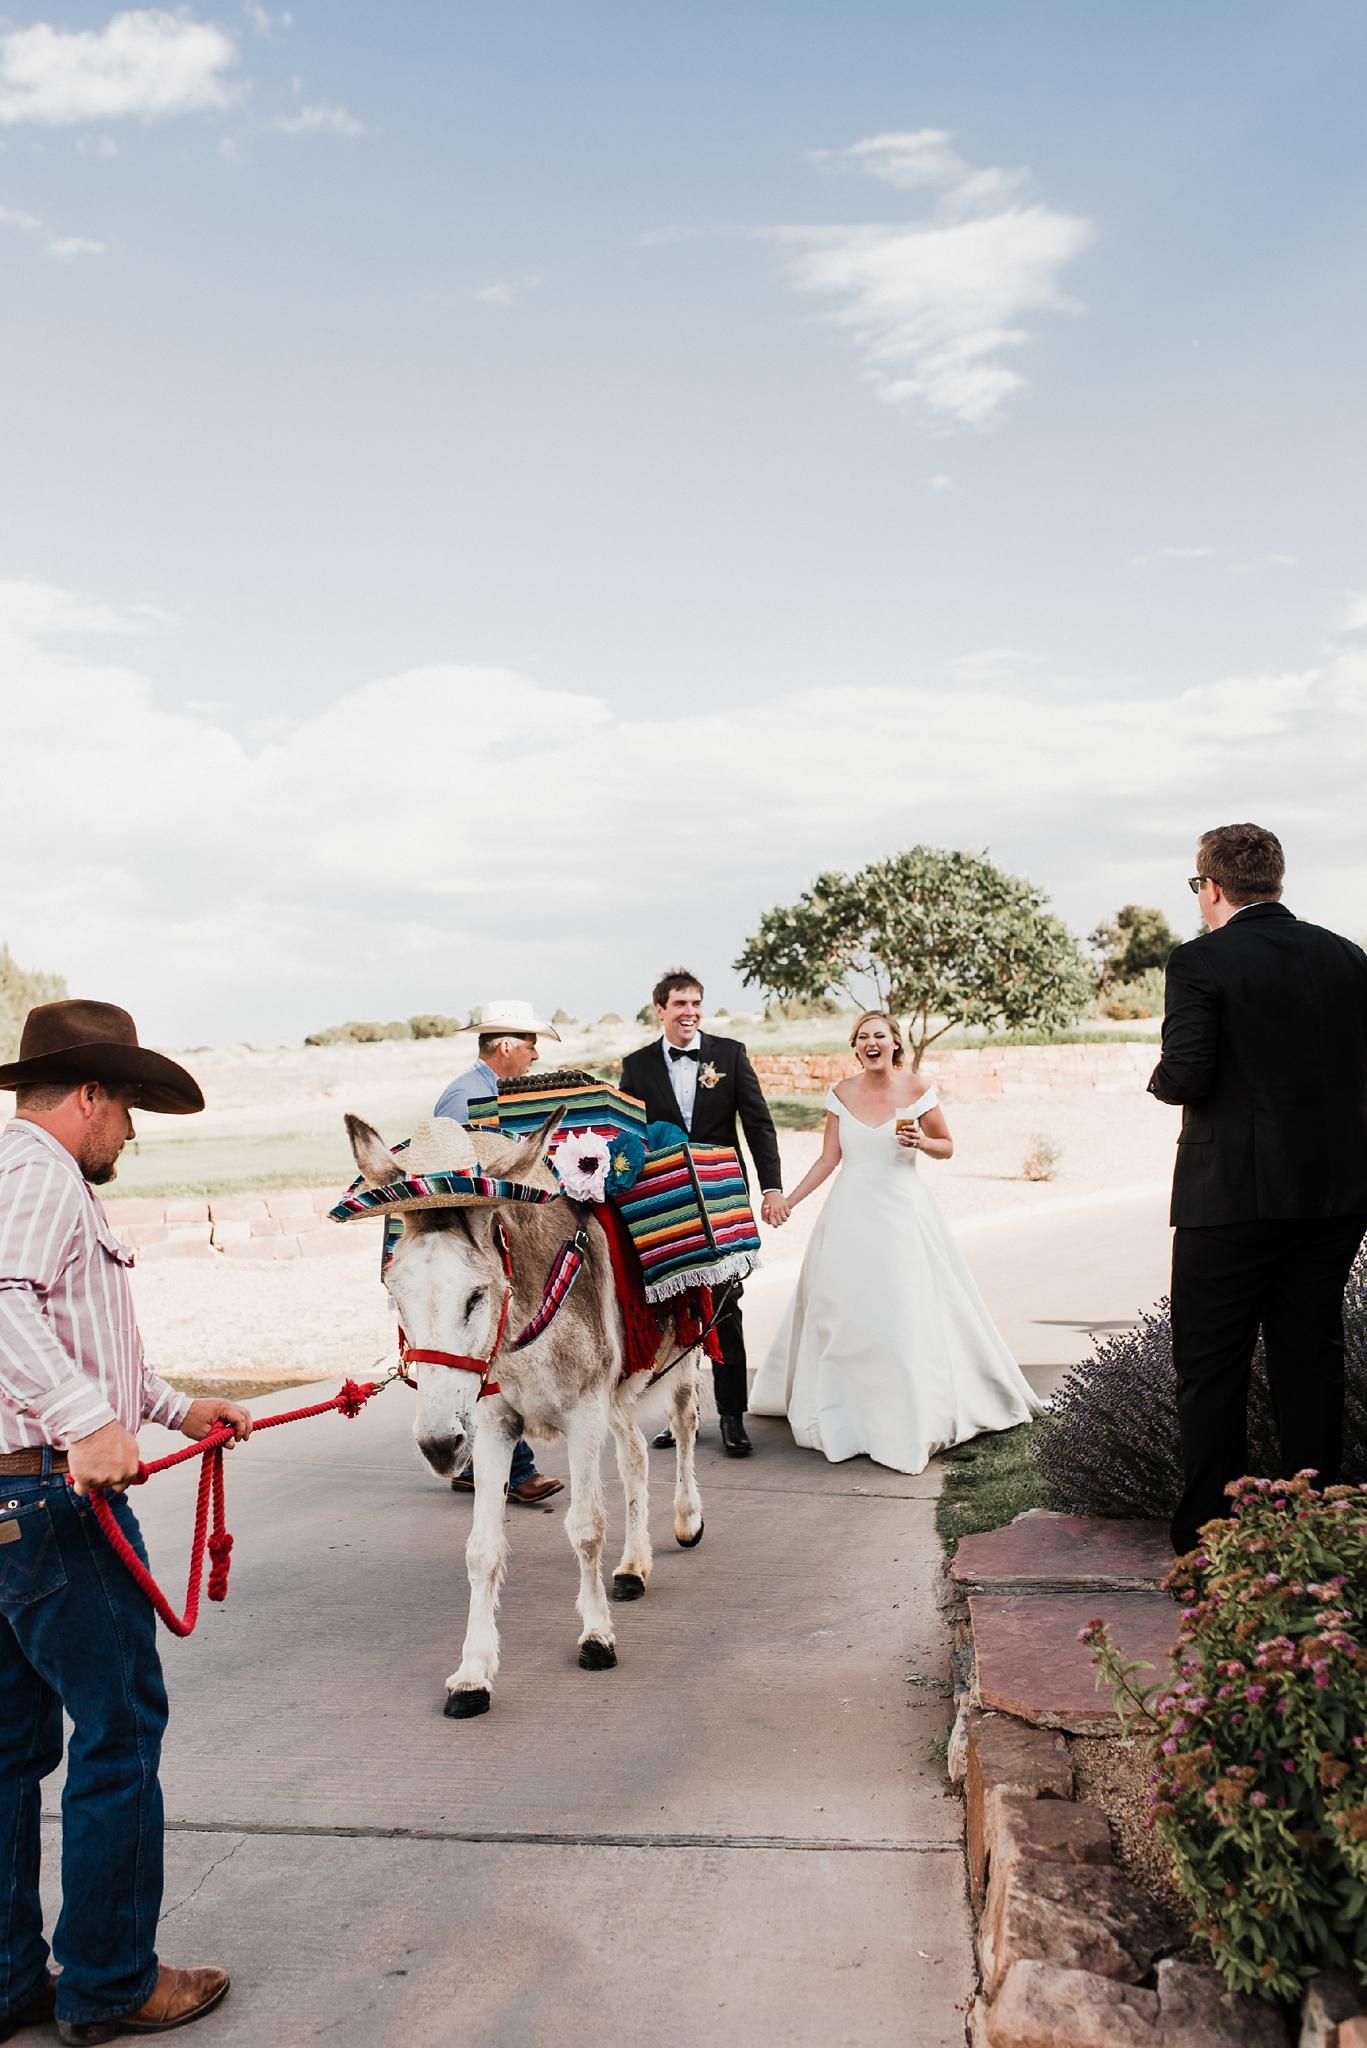 Alicia+lucia+photography+-+albuquerque+wedding+photographer+-+santa+fe+wedding+photography+-+new+mexico+wedding+photographer+-+new+mexico+wedding+-+las+campanas+wedding+-+santa+fe+wedding+-+maximalist+wedding+-+destination+wedding_0109.jpg